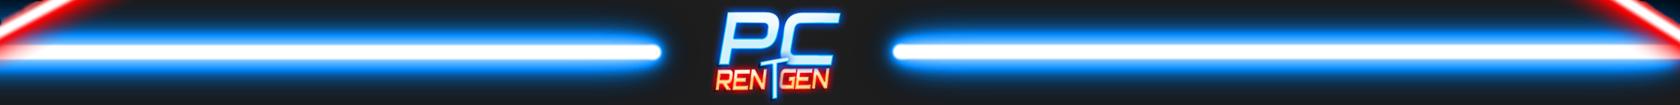 PC RENTGEN- ПК РЕНТГЕН  Игровые новости, Обзоры, Настройка компьютера, Интернет